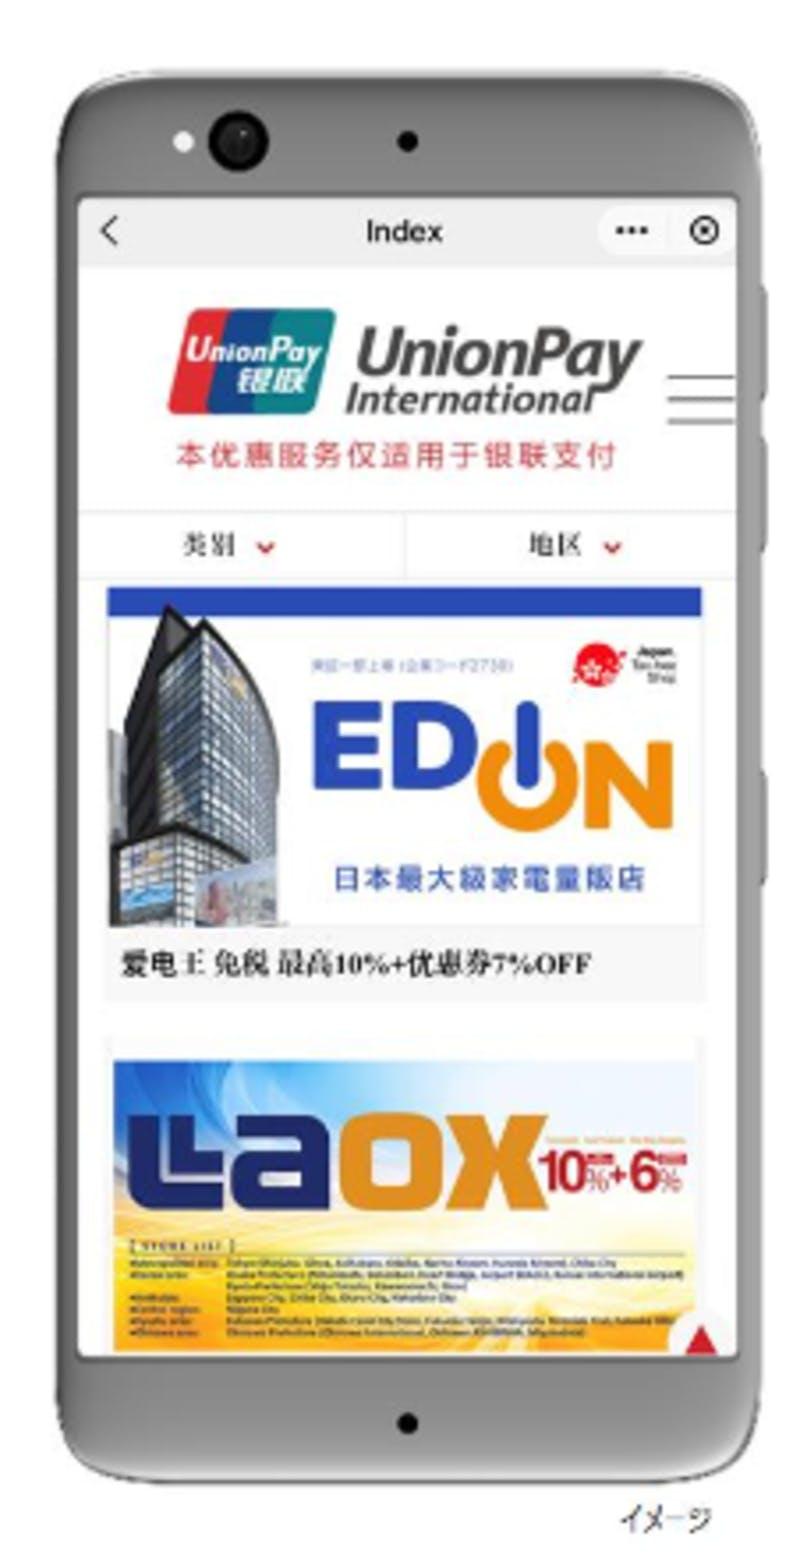 UnionPayアプリイメージ:株式会社リロクラブプレスリリースより